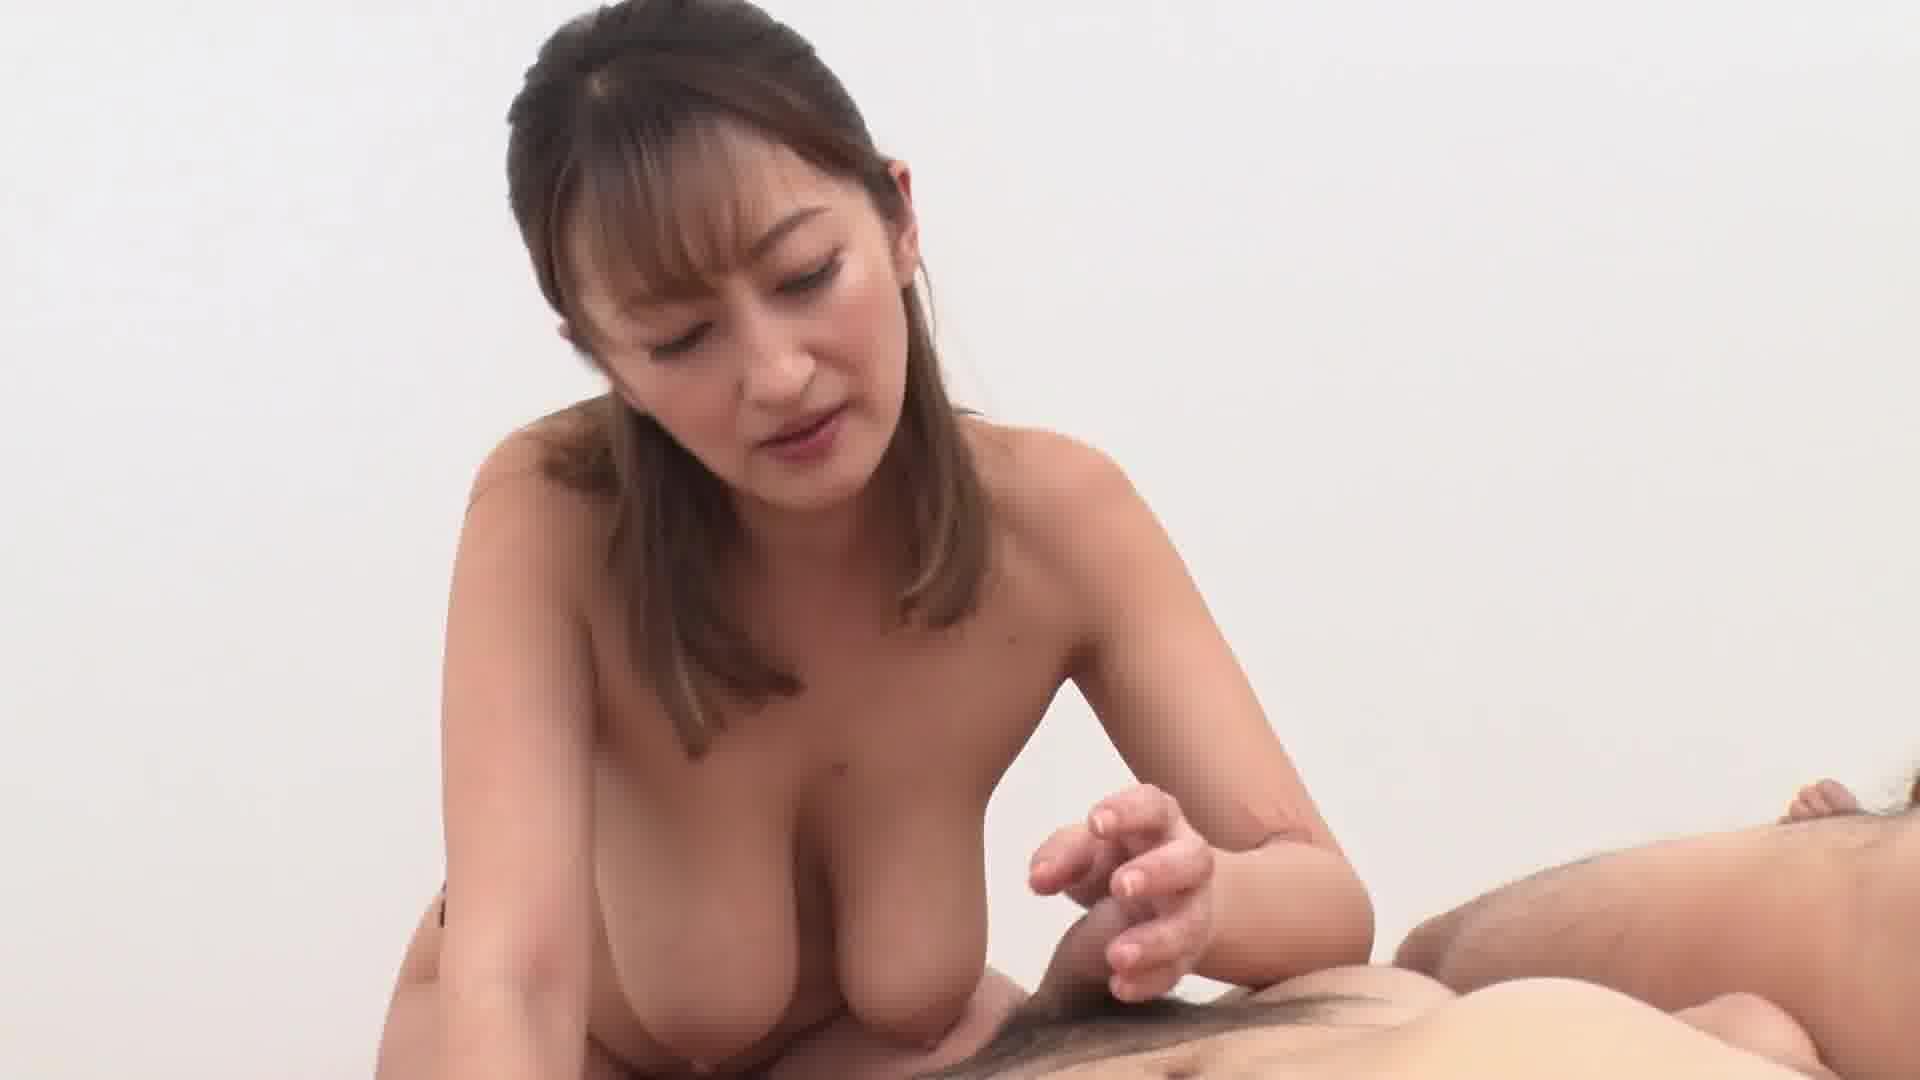 私のセックスを見てください!い~っぱい顔面射精してください!3 - 玲奈【乱交・顔射・中出し】